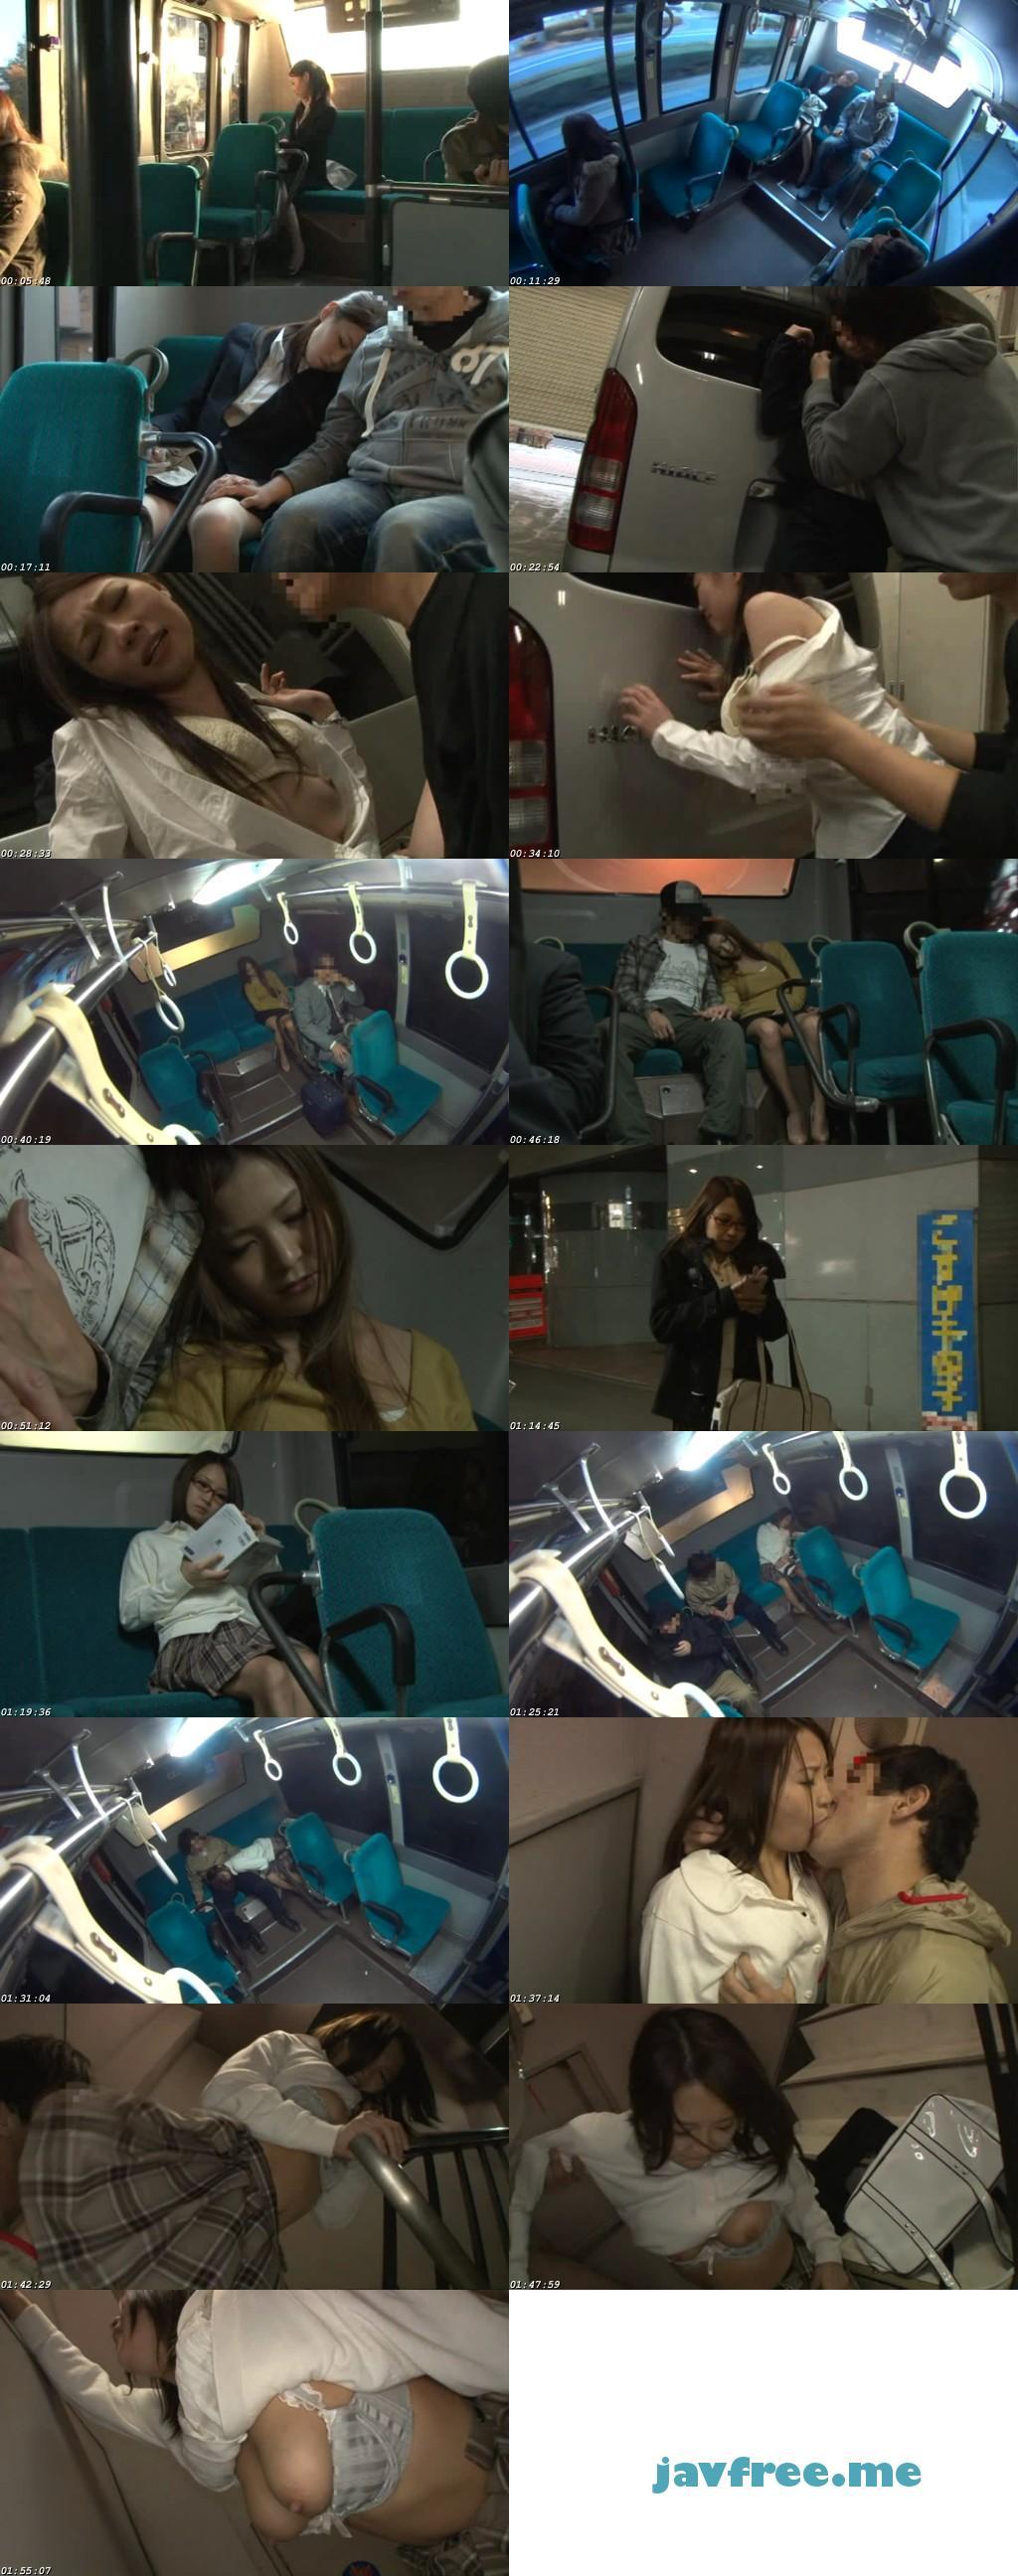 [RDD-139] バスの最後尾で熟睡している無防備な女の隣にそっと近づき寄り添ってみると… - image RDD139 on https://javfree.me